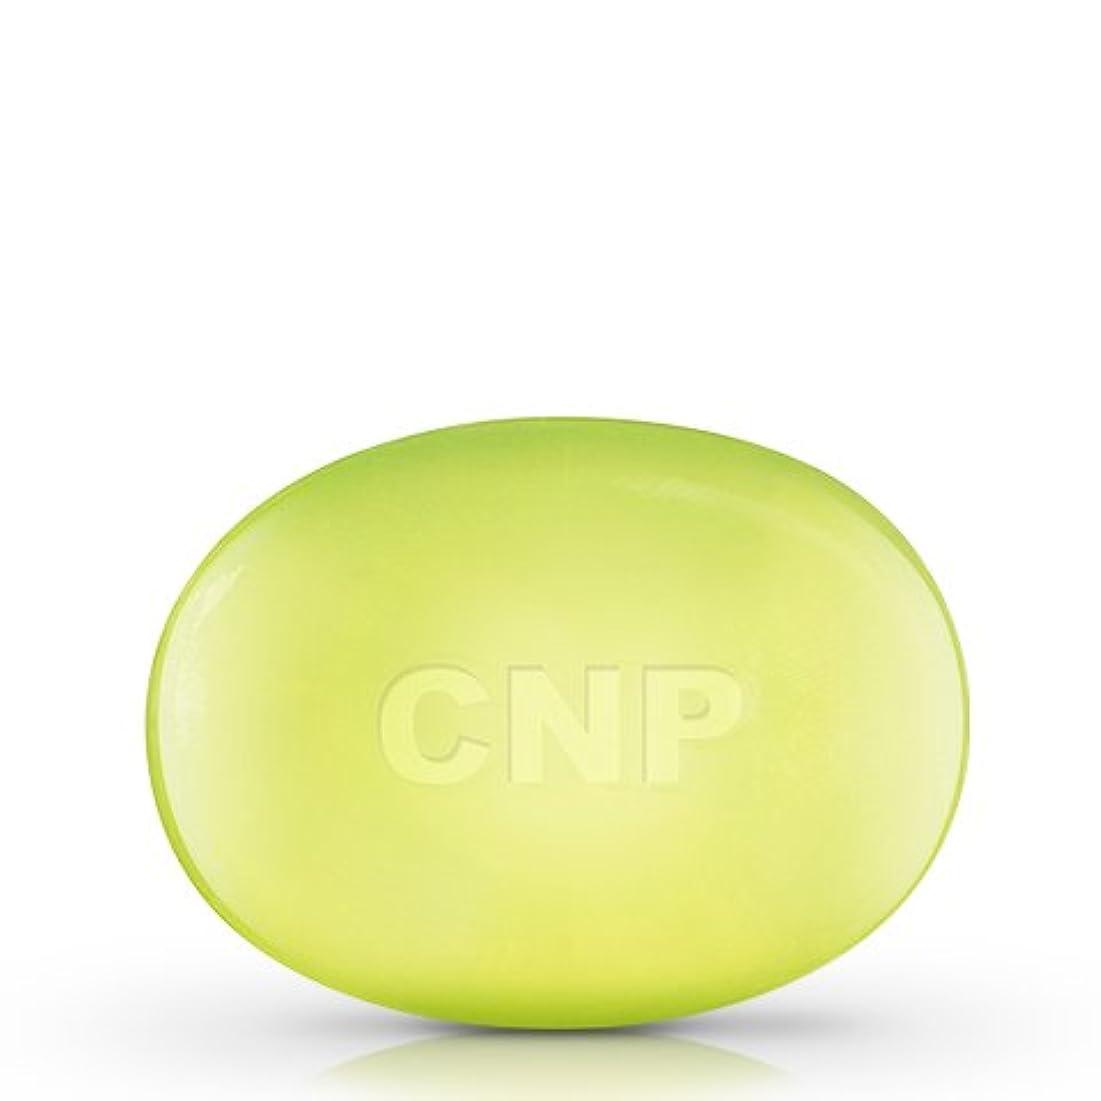 受け継ぐ一般エレベーターCNP Laboratory 石鹸A/Soap A 100g [並行輸入品]